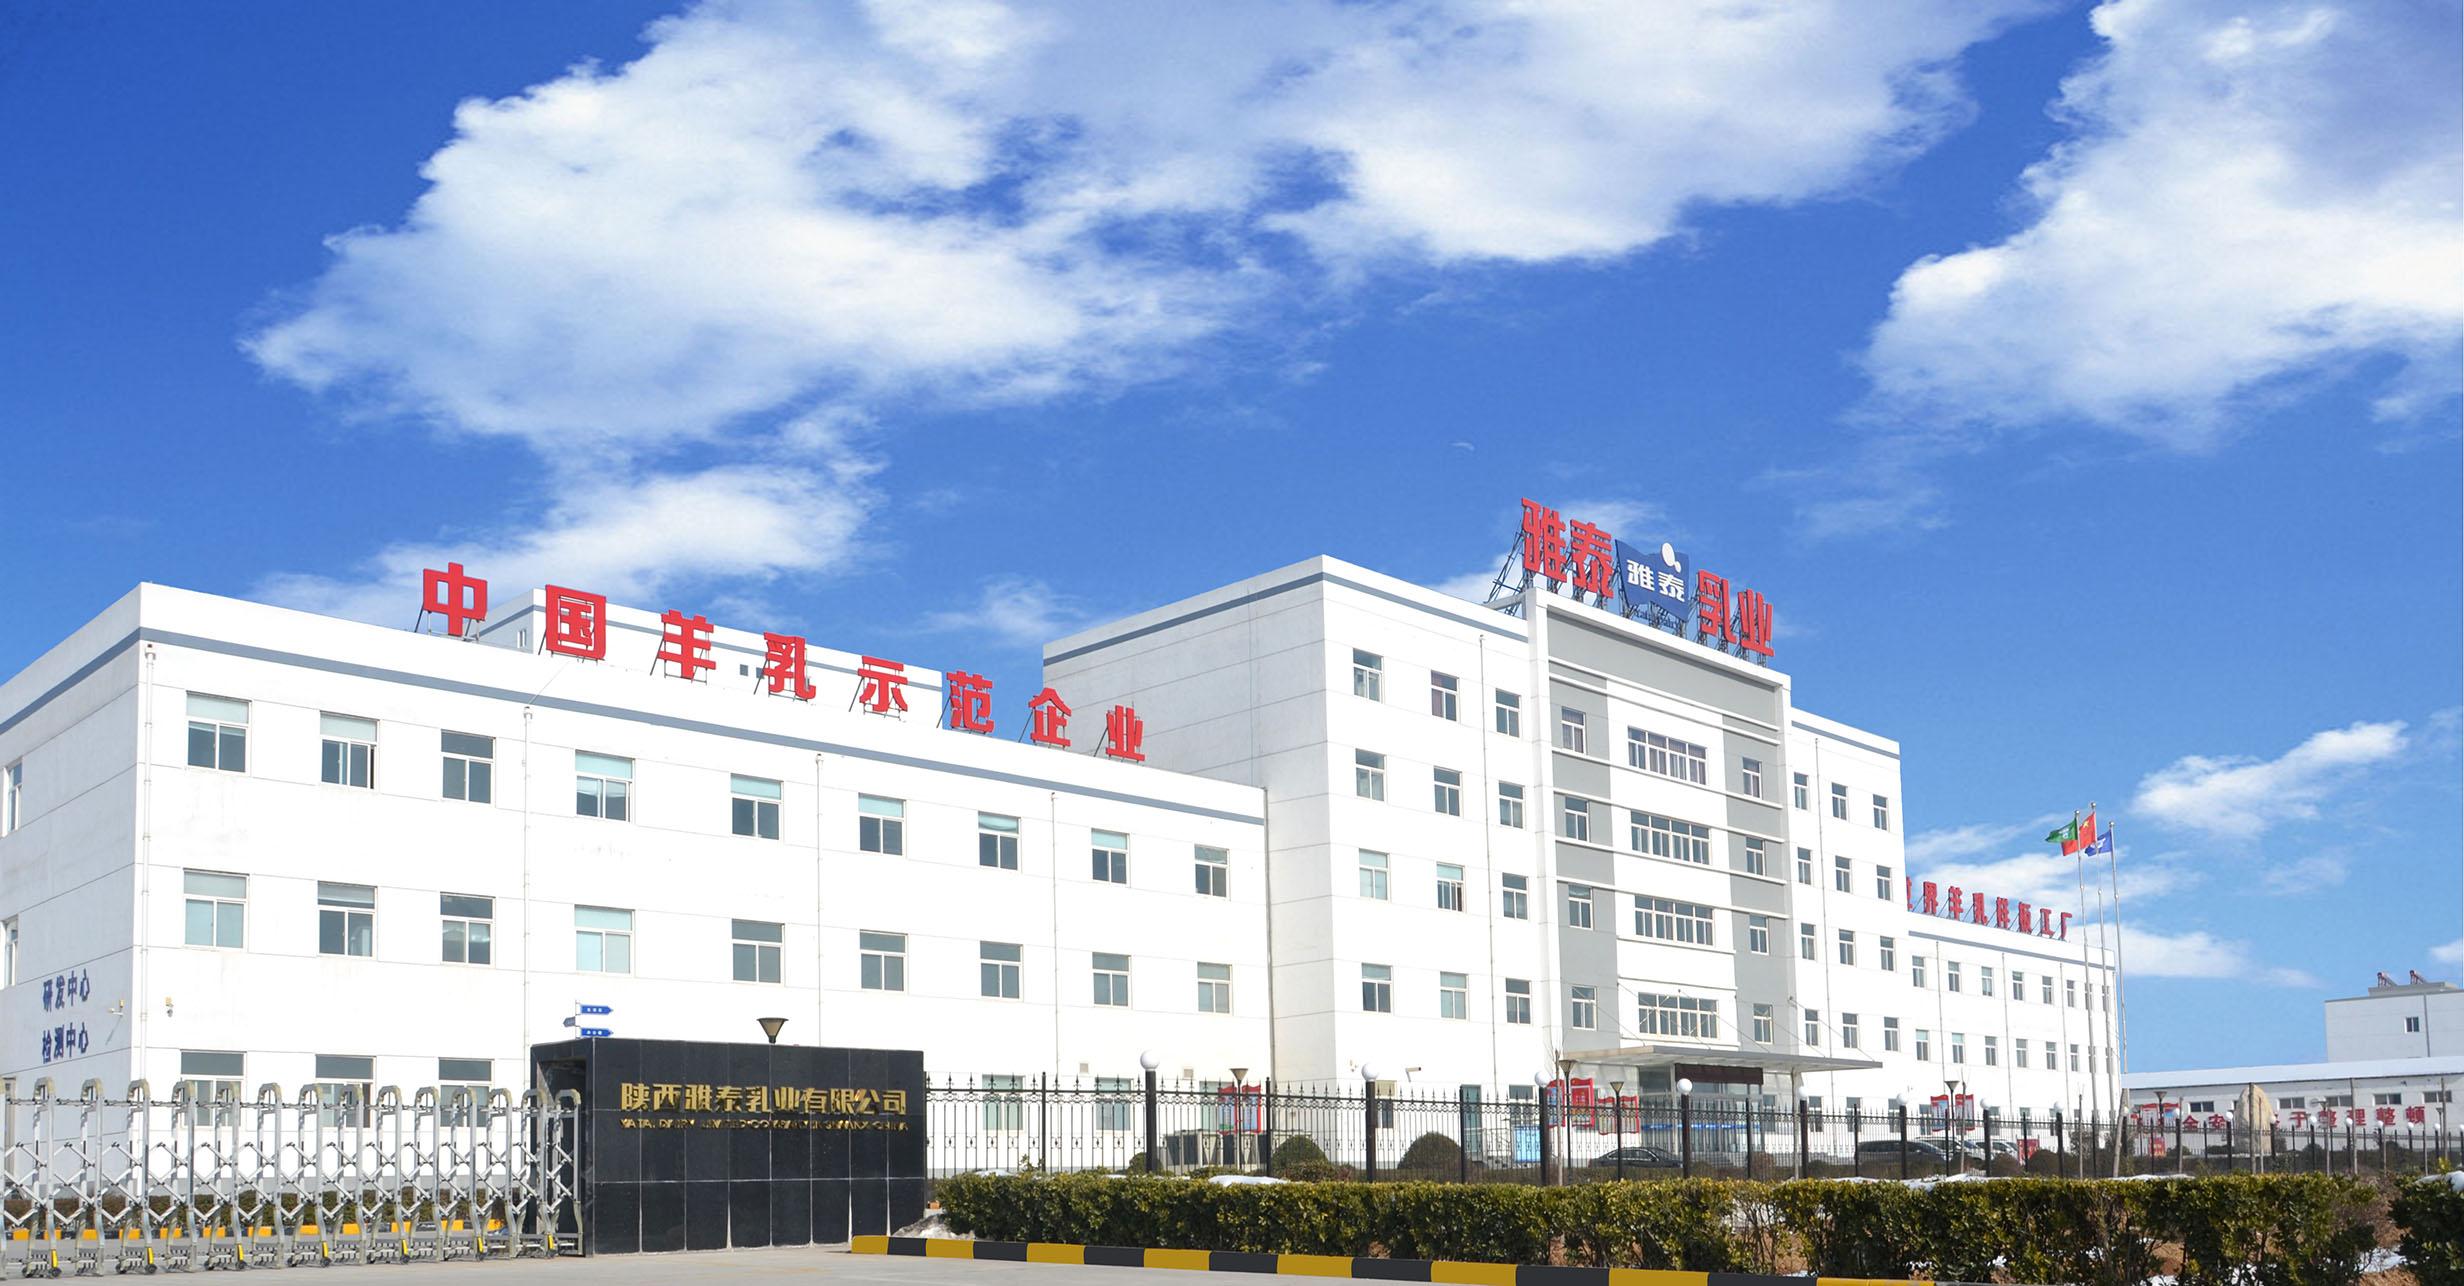 陕西省泾阳县开展奶山羊疾病防控及养殖技术培训